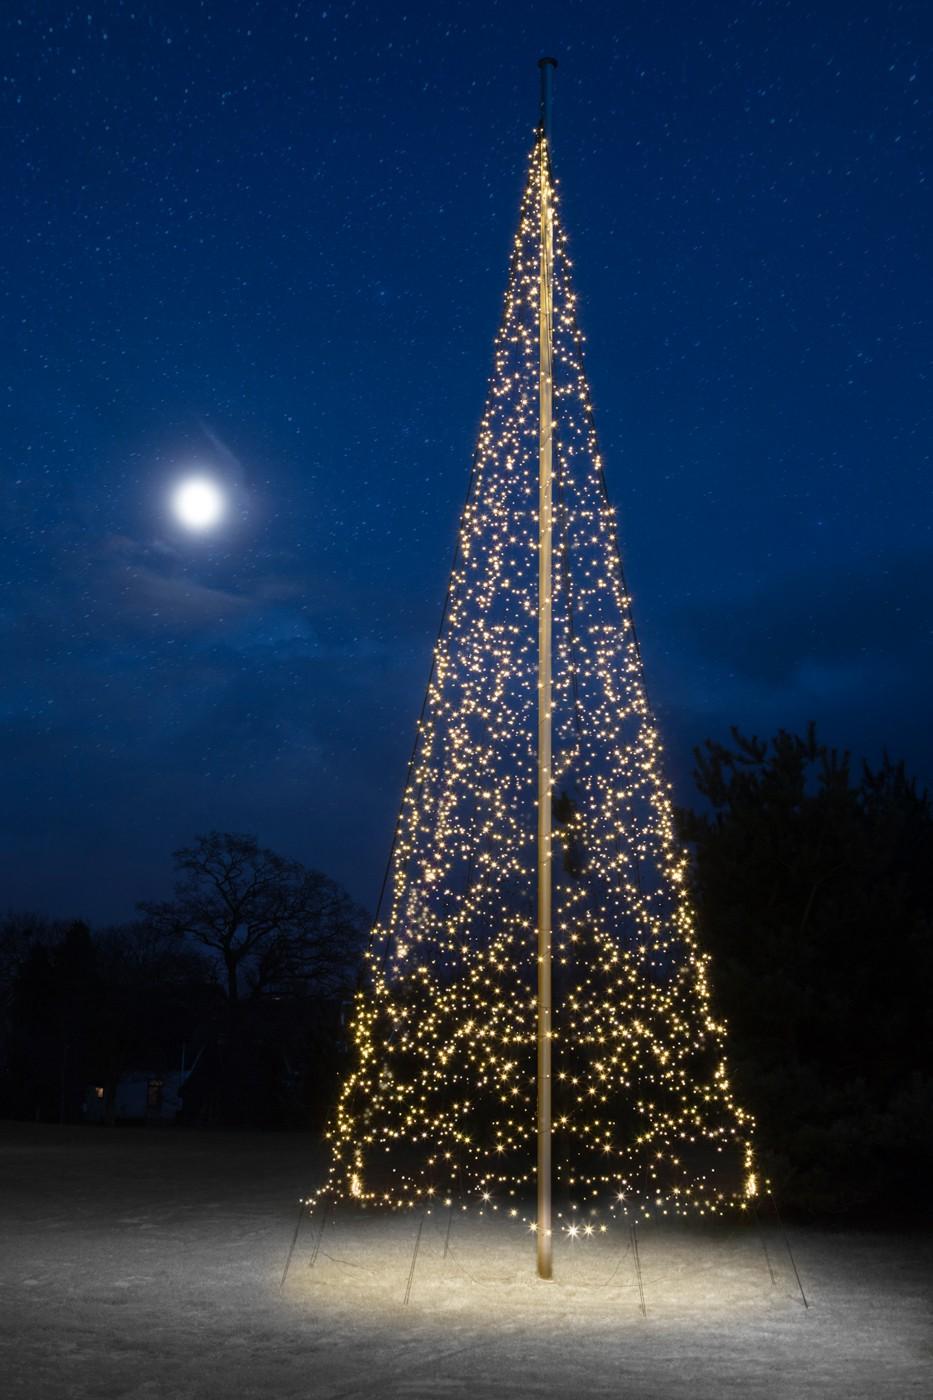 Fairybell 4000 Led Kerstboom Voor In Een 10 12 Meter Vlaggenmast